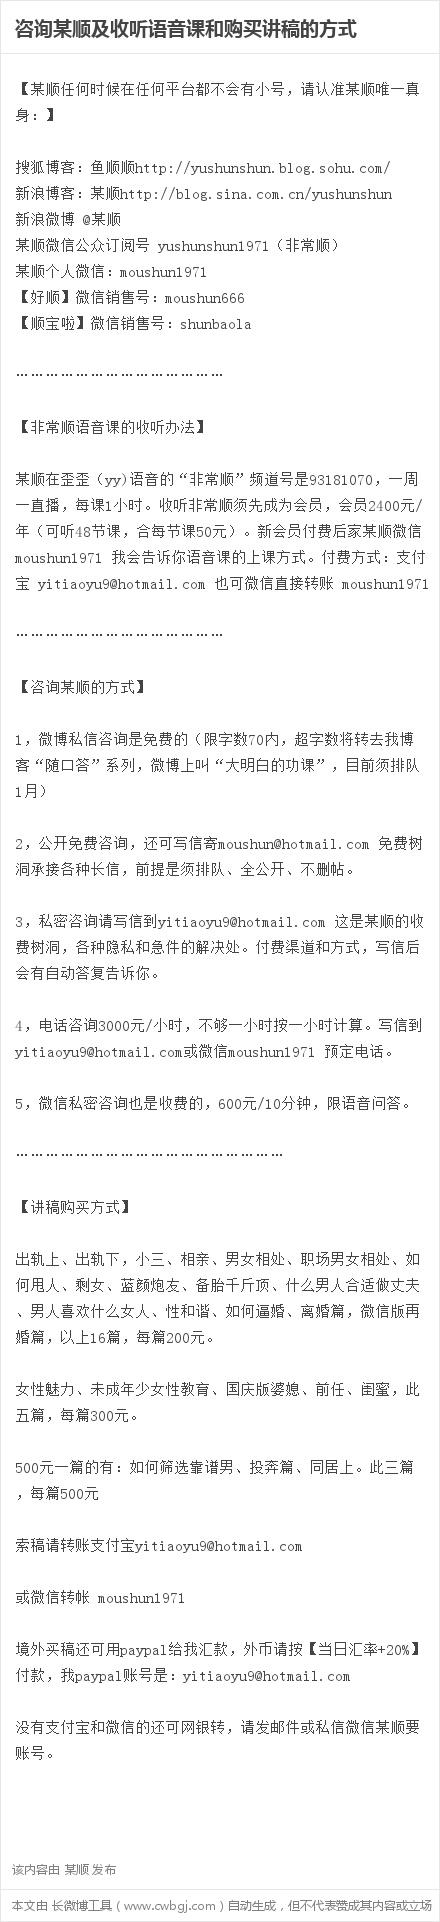 顺口答二二八零 - yushunshun - 鱼顺顺的博客